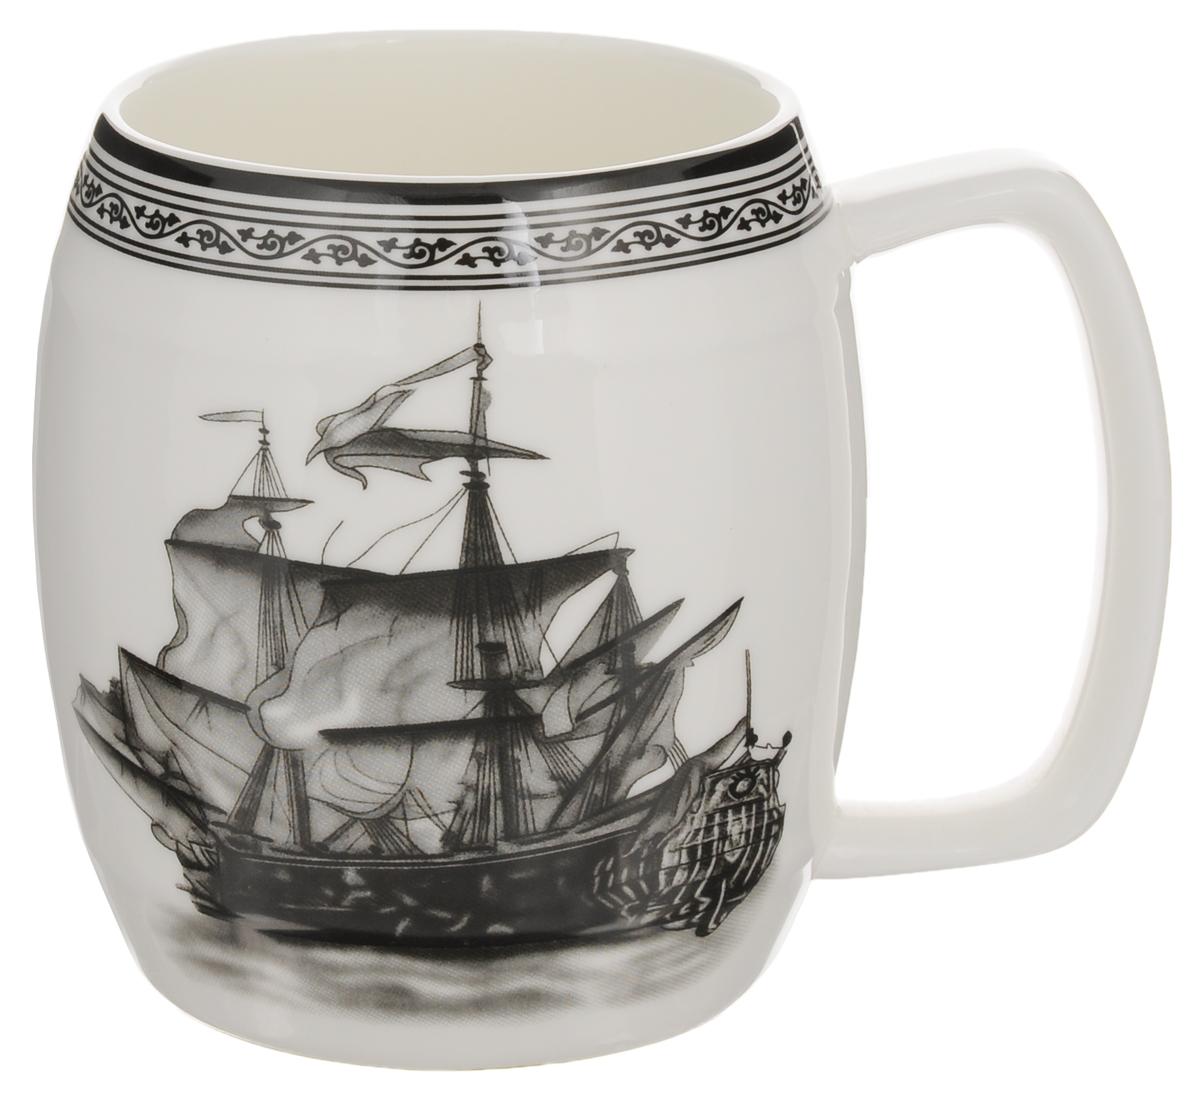 Кружка Elan Gallery Корабль, 700 мл530022Кружка Elan Gallery Корабль, изготовленная из высококачественной керамики, подходит для тех, кто предпочитает большие кружки и для любителей чая, кофе и пенных напитков. Изделие сочетает в себе изысканный дизайн с максимальной функциональностью. Такая кружка станет оригинальным подарком для ваших родных и близких. Диаметр кружки (по верхнему краю): 8,8 см. Высота кружки: 11,5 см.